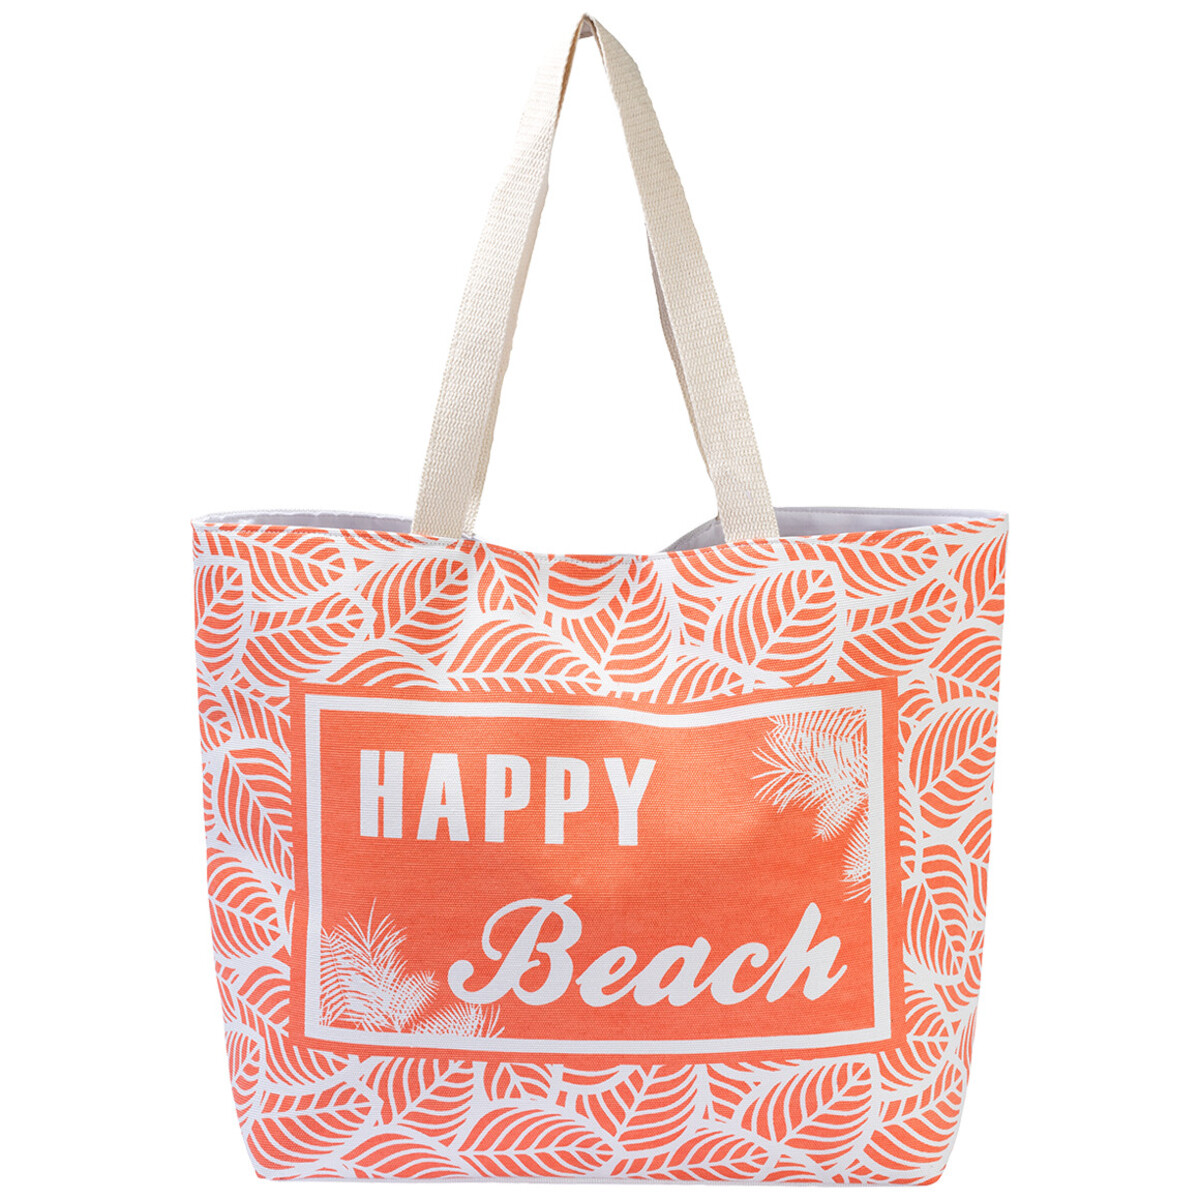 Bild 1 von Strandtasche mit Schriftzug